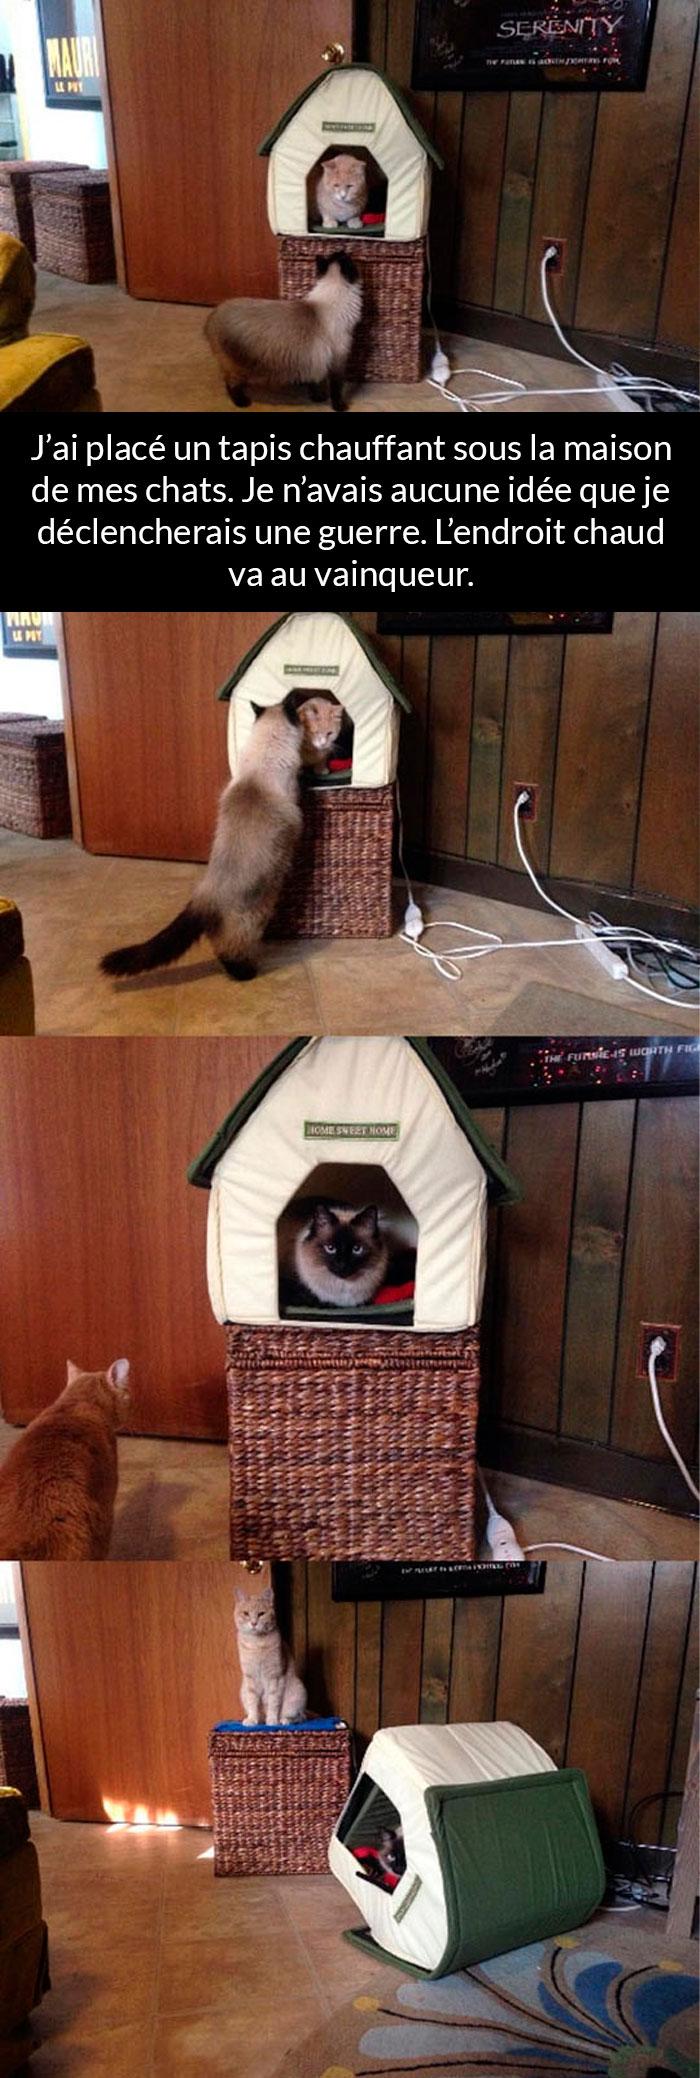 25 photos de chats avec des messages hilarants qui vont te faire sourire (nouvelles images)